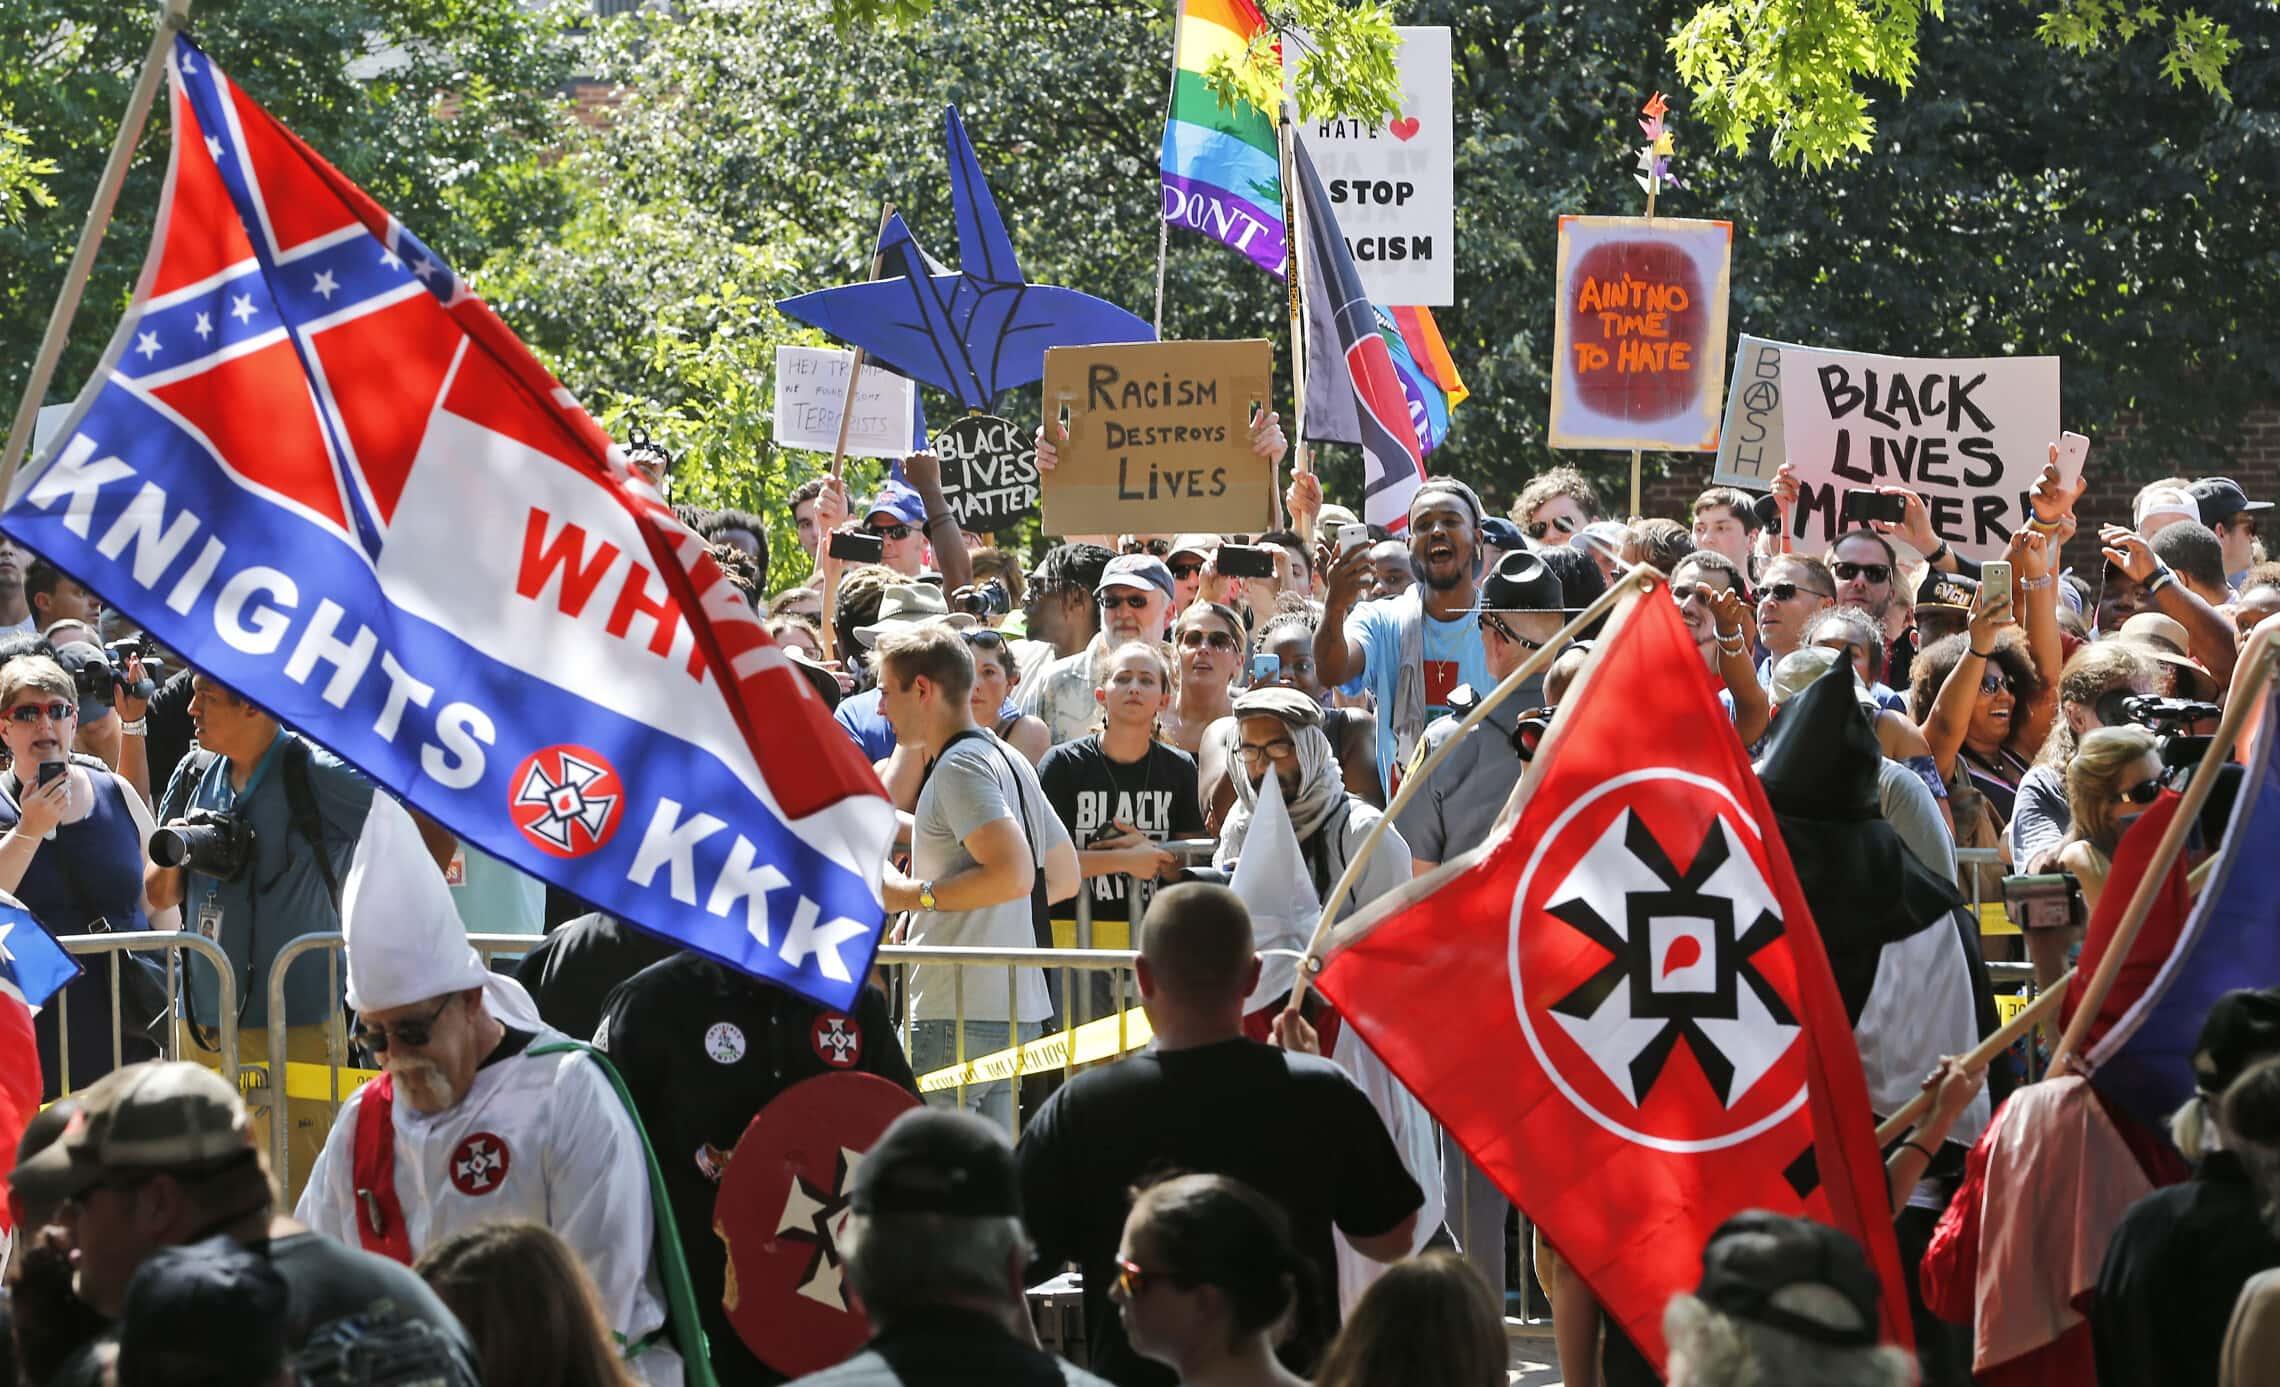 גזענים ואנשי ימין קיצוני בהפגנה בשרלוטסוויל, 8 ביולי 2017 (צילום: AP Photo/Steve Helber)